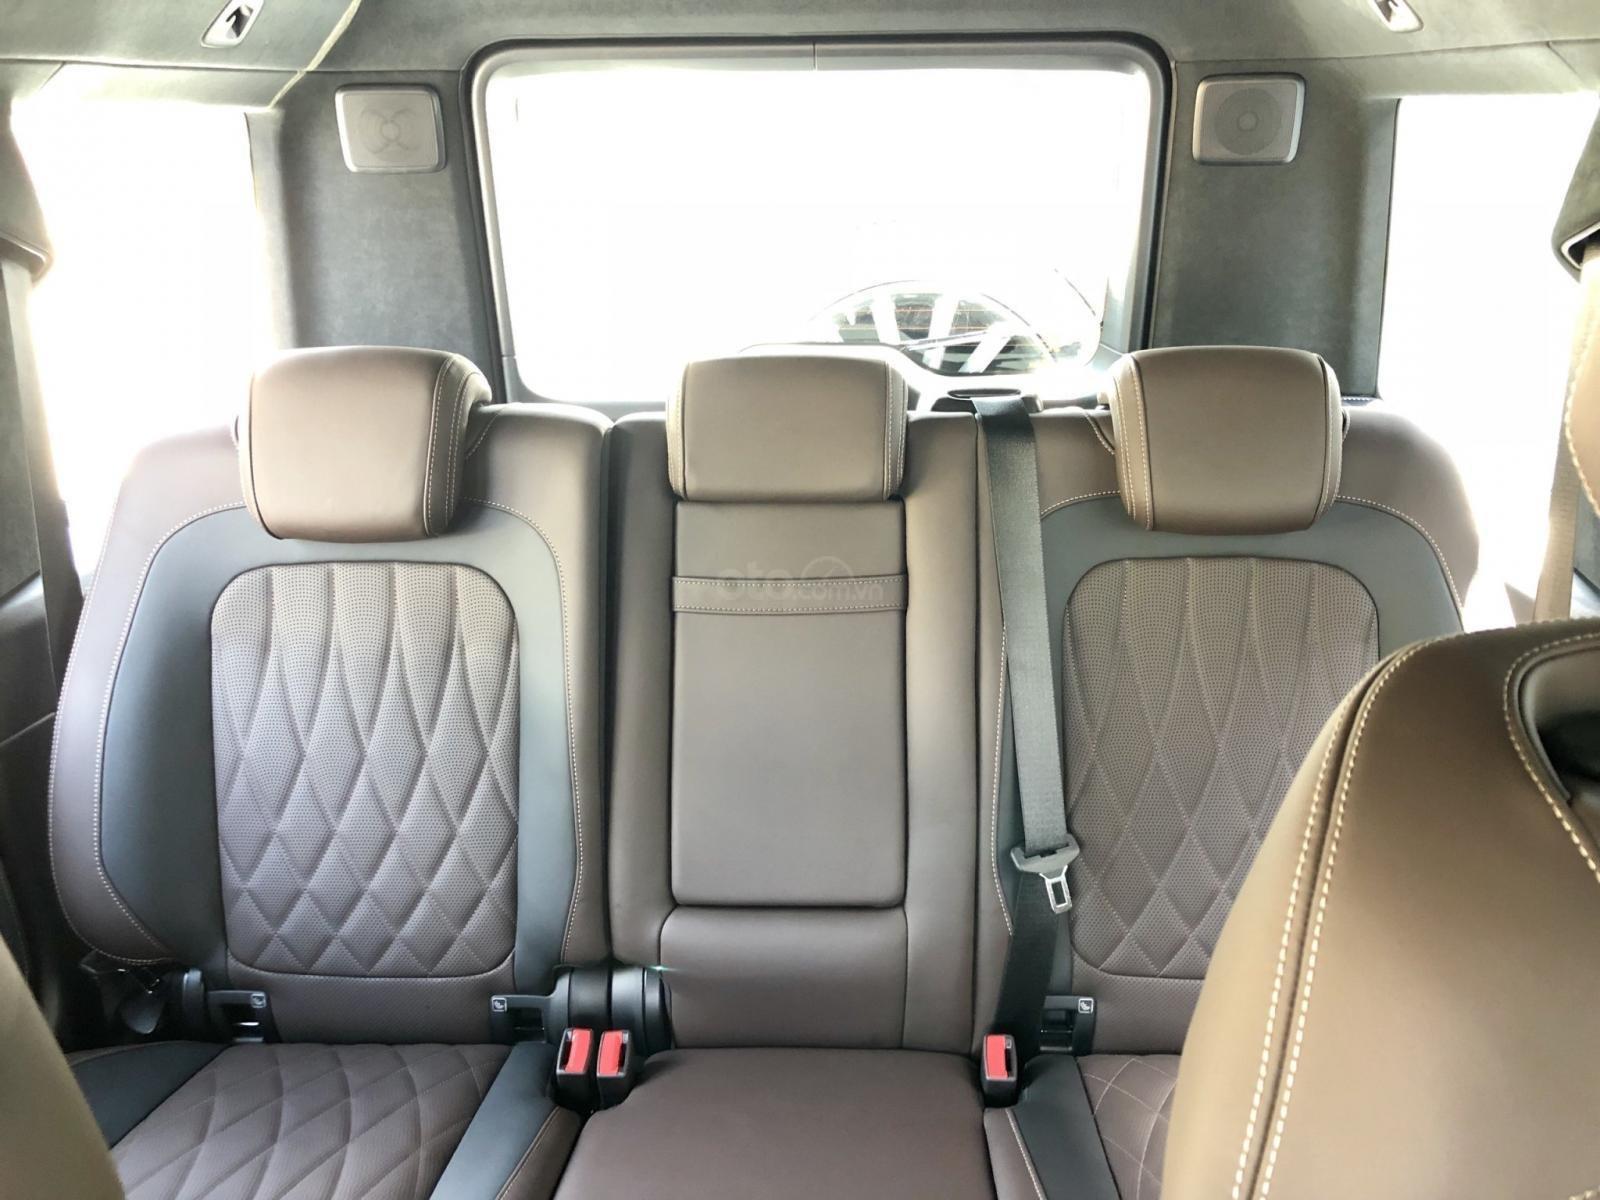 Bán xe Mercedes G63 AMG  2019, giá tốt, giao ngay toàn quốc. LH: 093.996.2368 Ms Ngọc Vy (15)